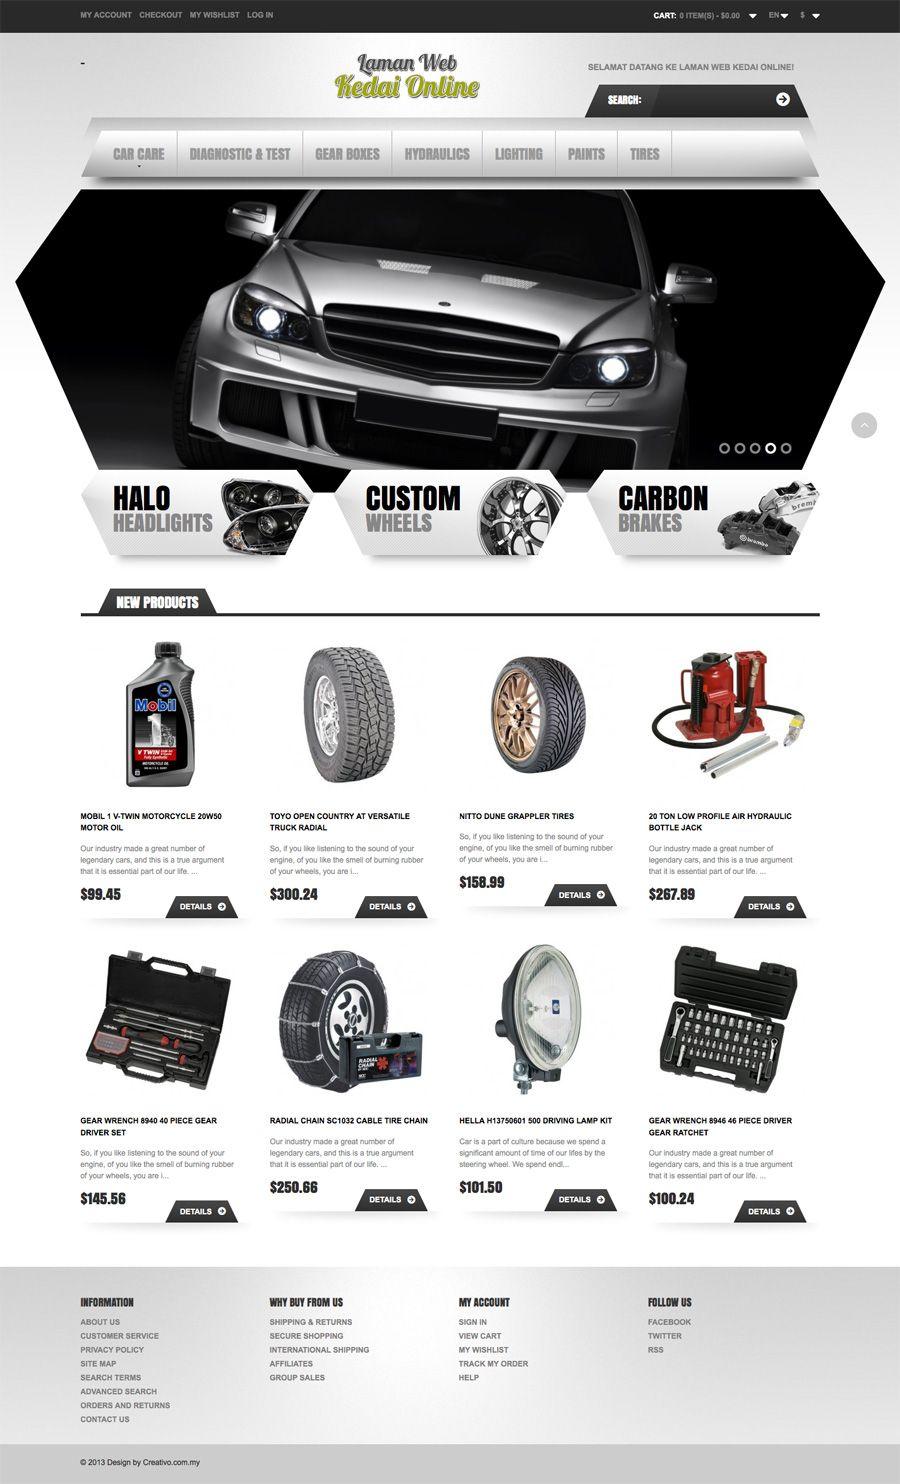 Design of bottle car jack - Car Accessories Ecommerce Website Design